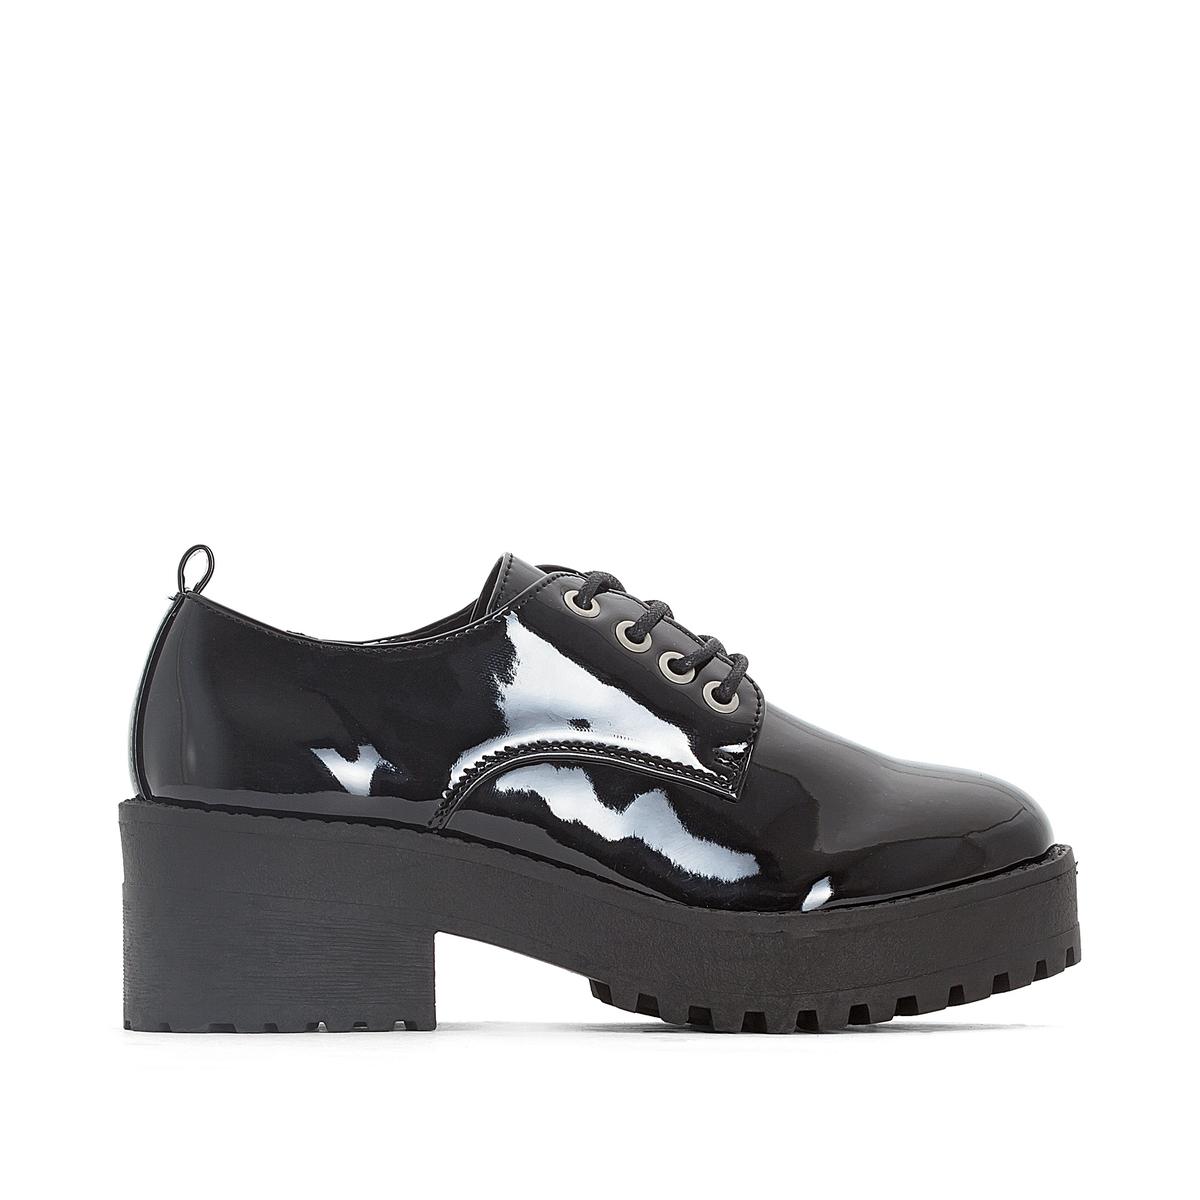 Ботинки-дерби на каблуке Suki цены онлайн